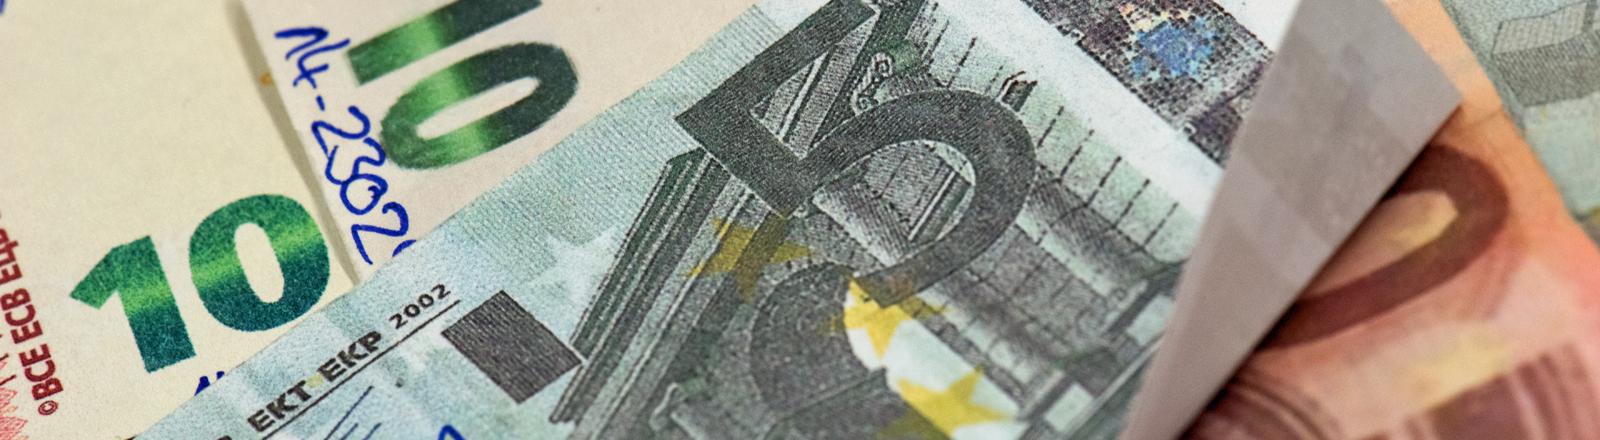 Falsche Geldscheine liegen übereinander.